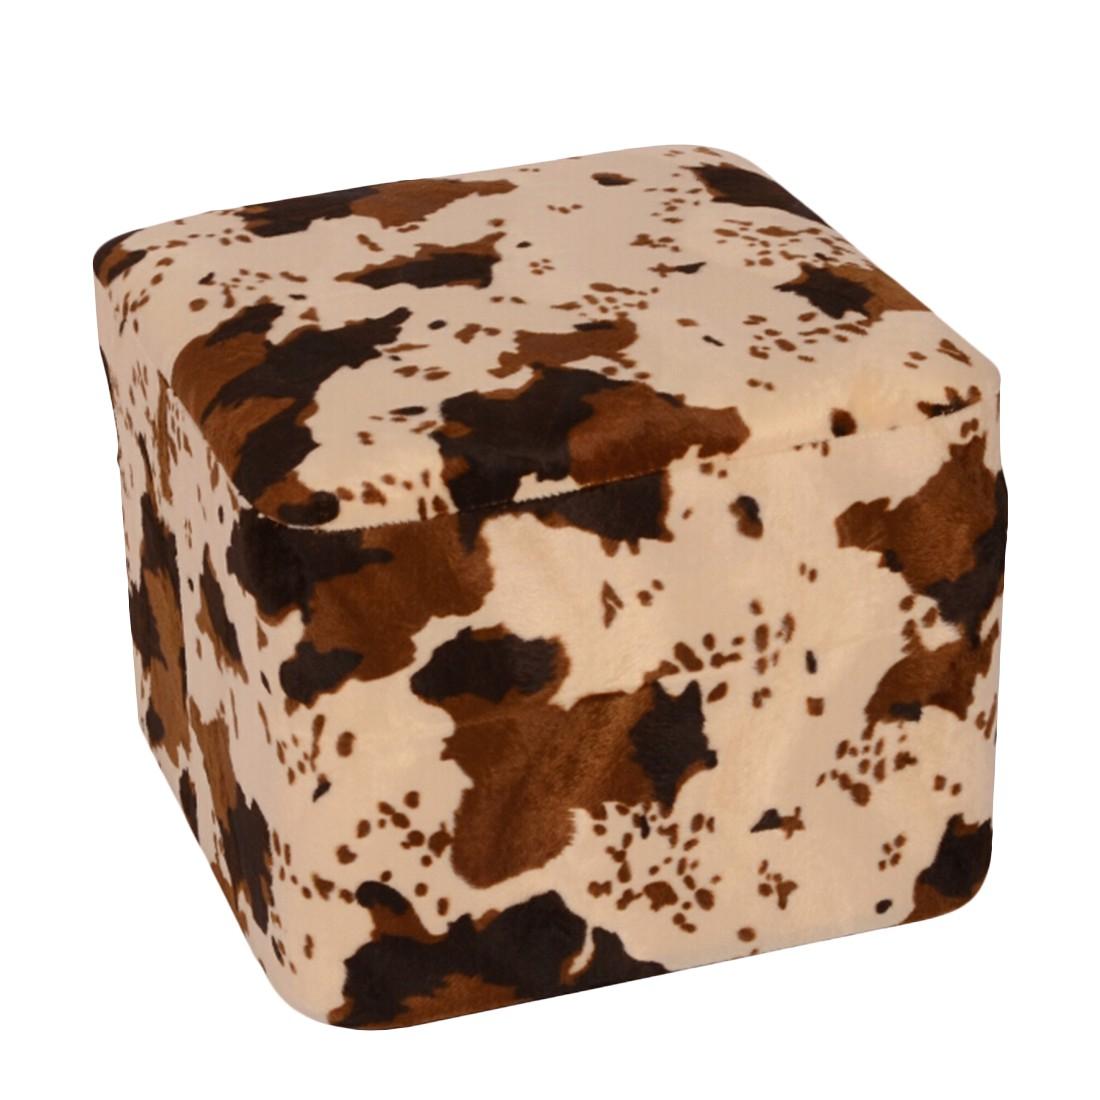 Möbelhocker Kuh Viereck – 50 x 50 cm, KC-Handel günstig kaufen